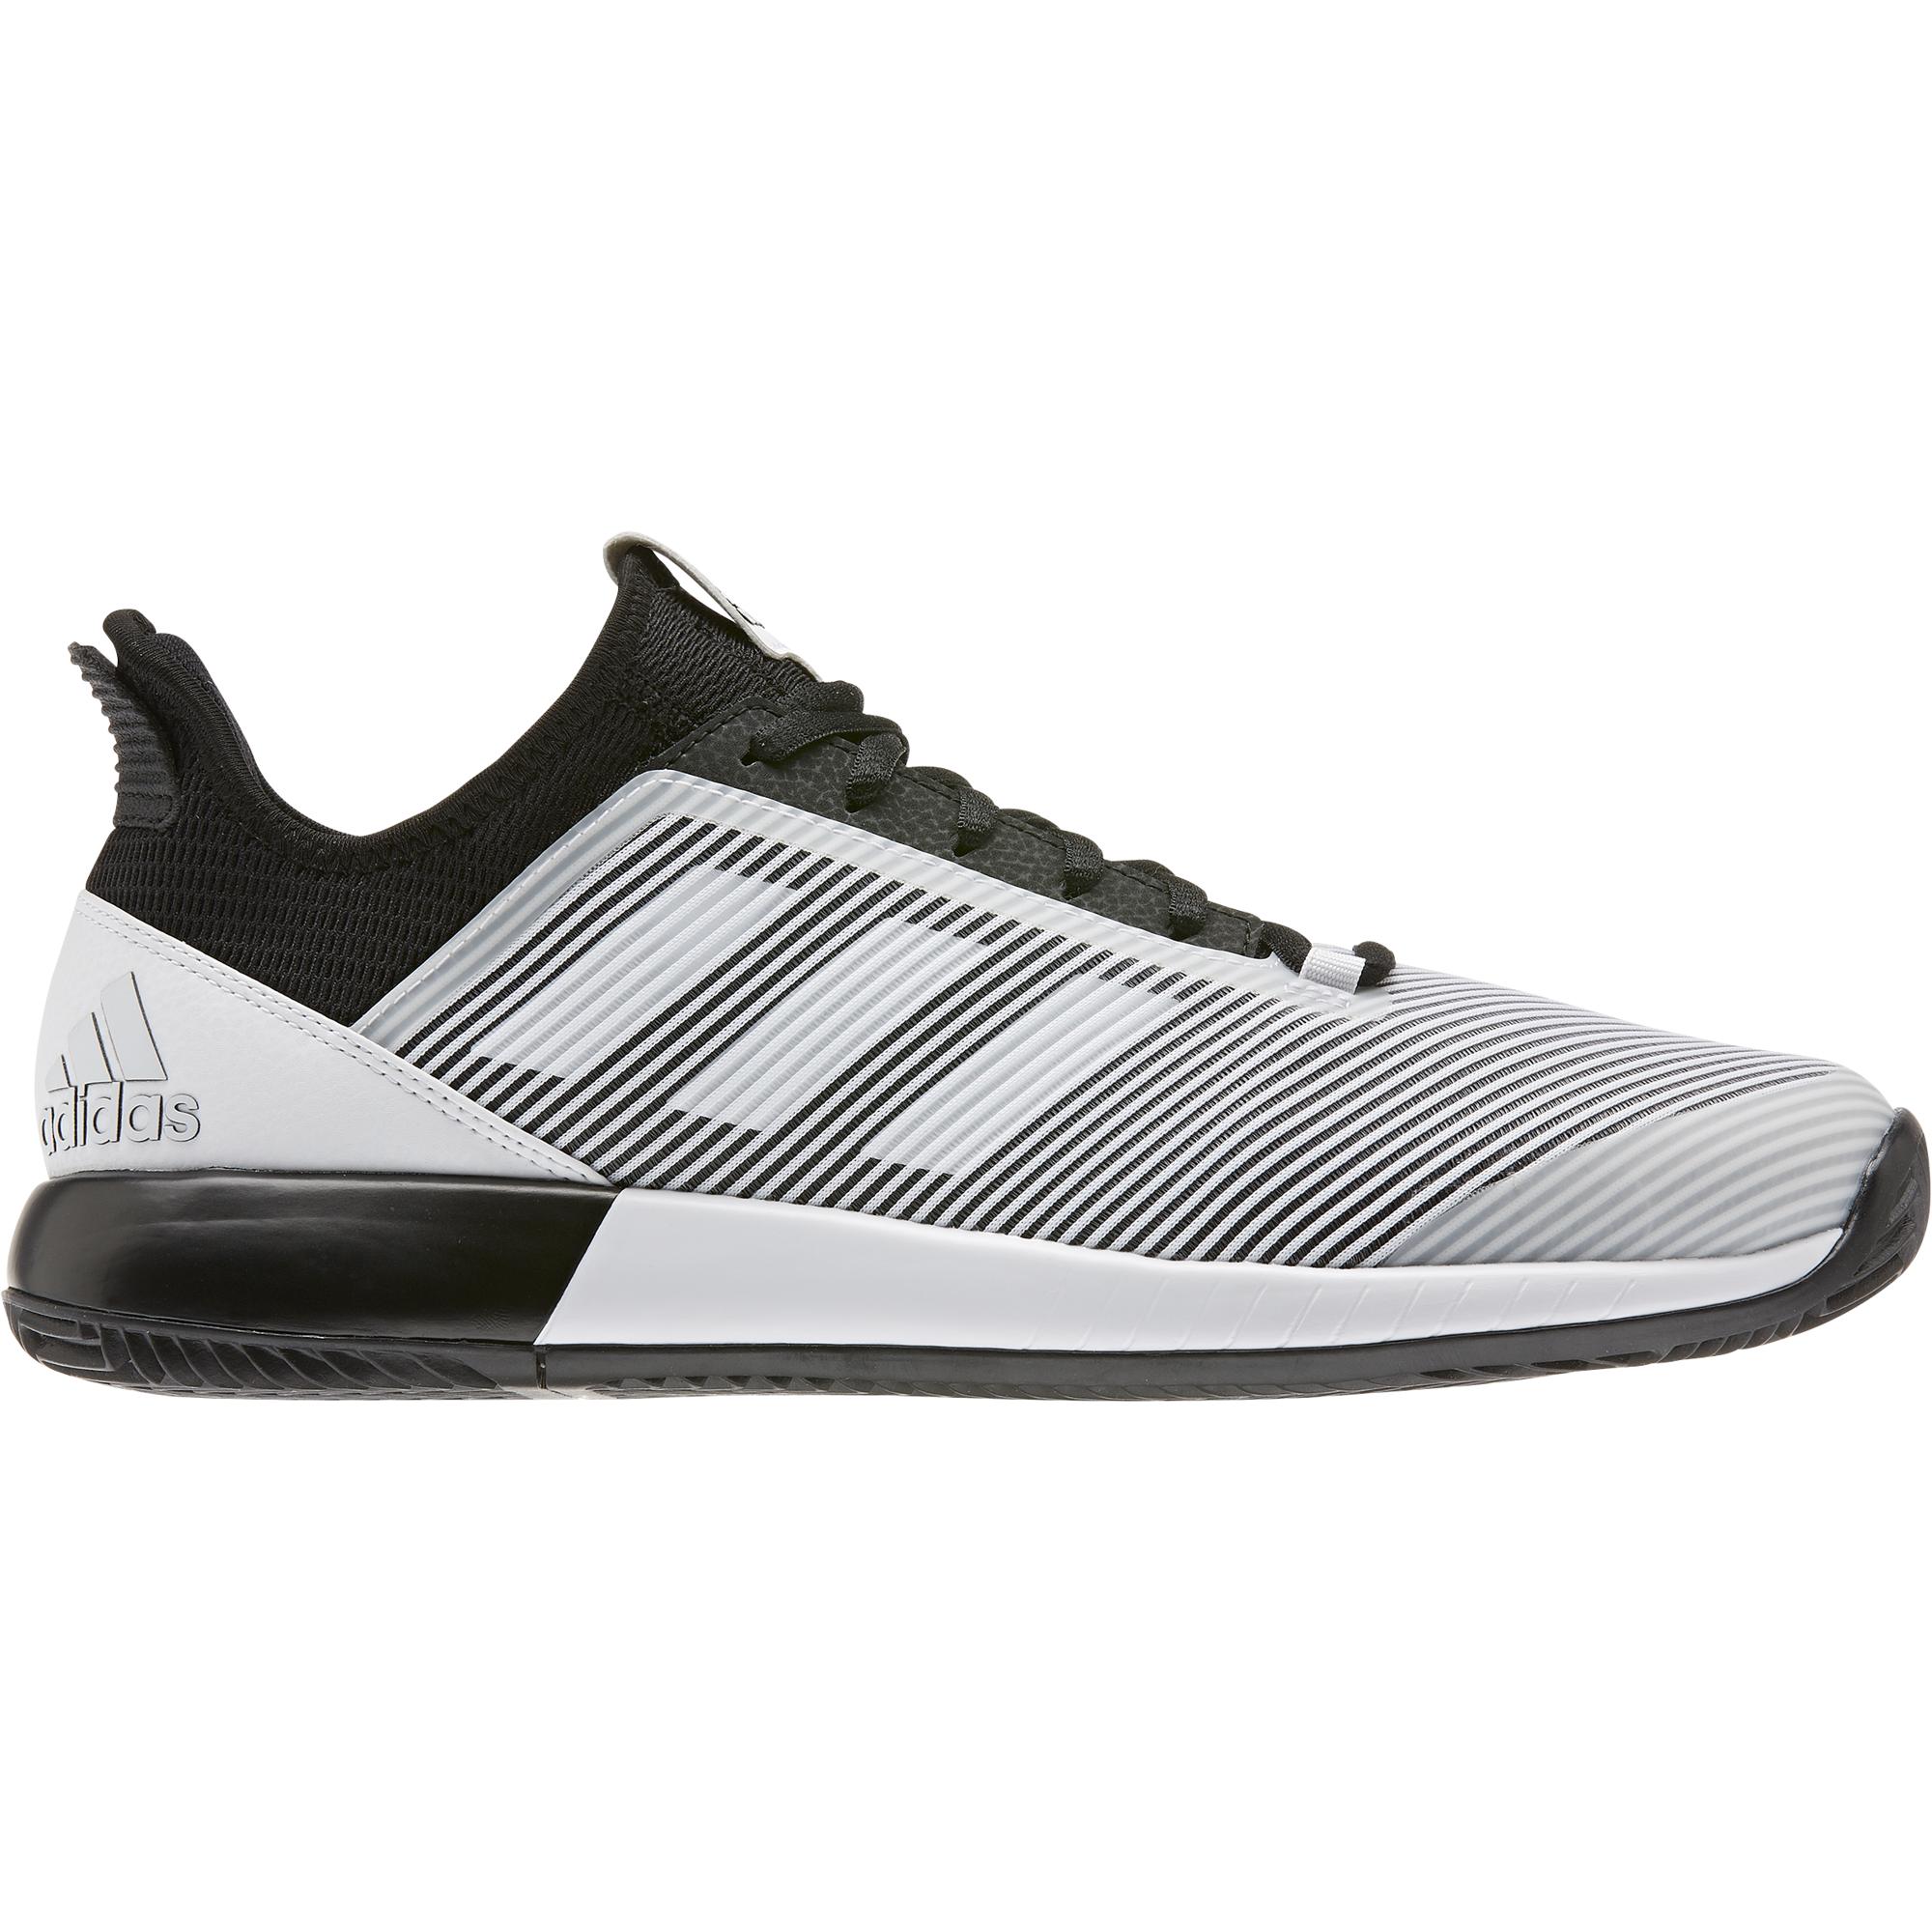 Inmigración Prefacio violín  Adidas Adizero Defiant Bounce 2 Men'sTennis Shoes - White/Black | PGA TOUR  Superstore